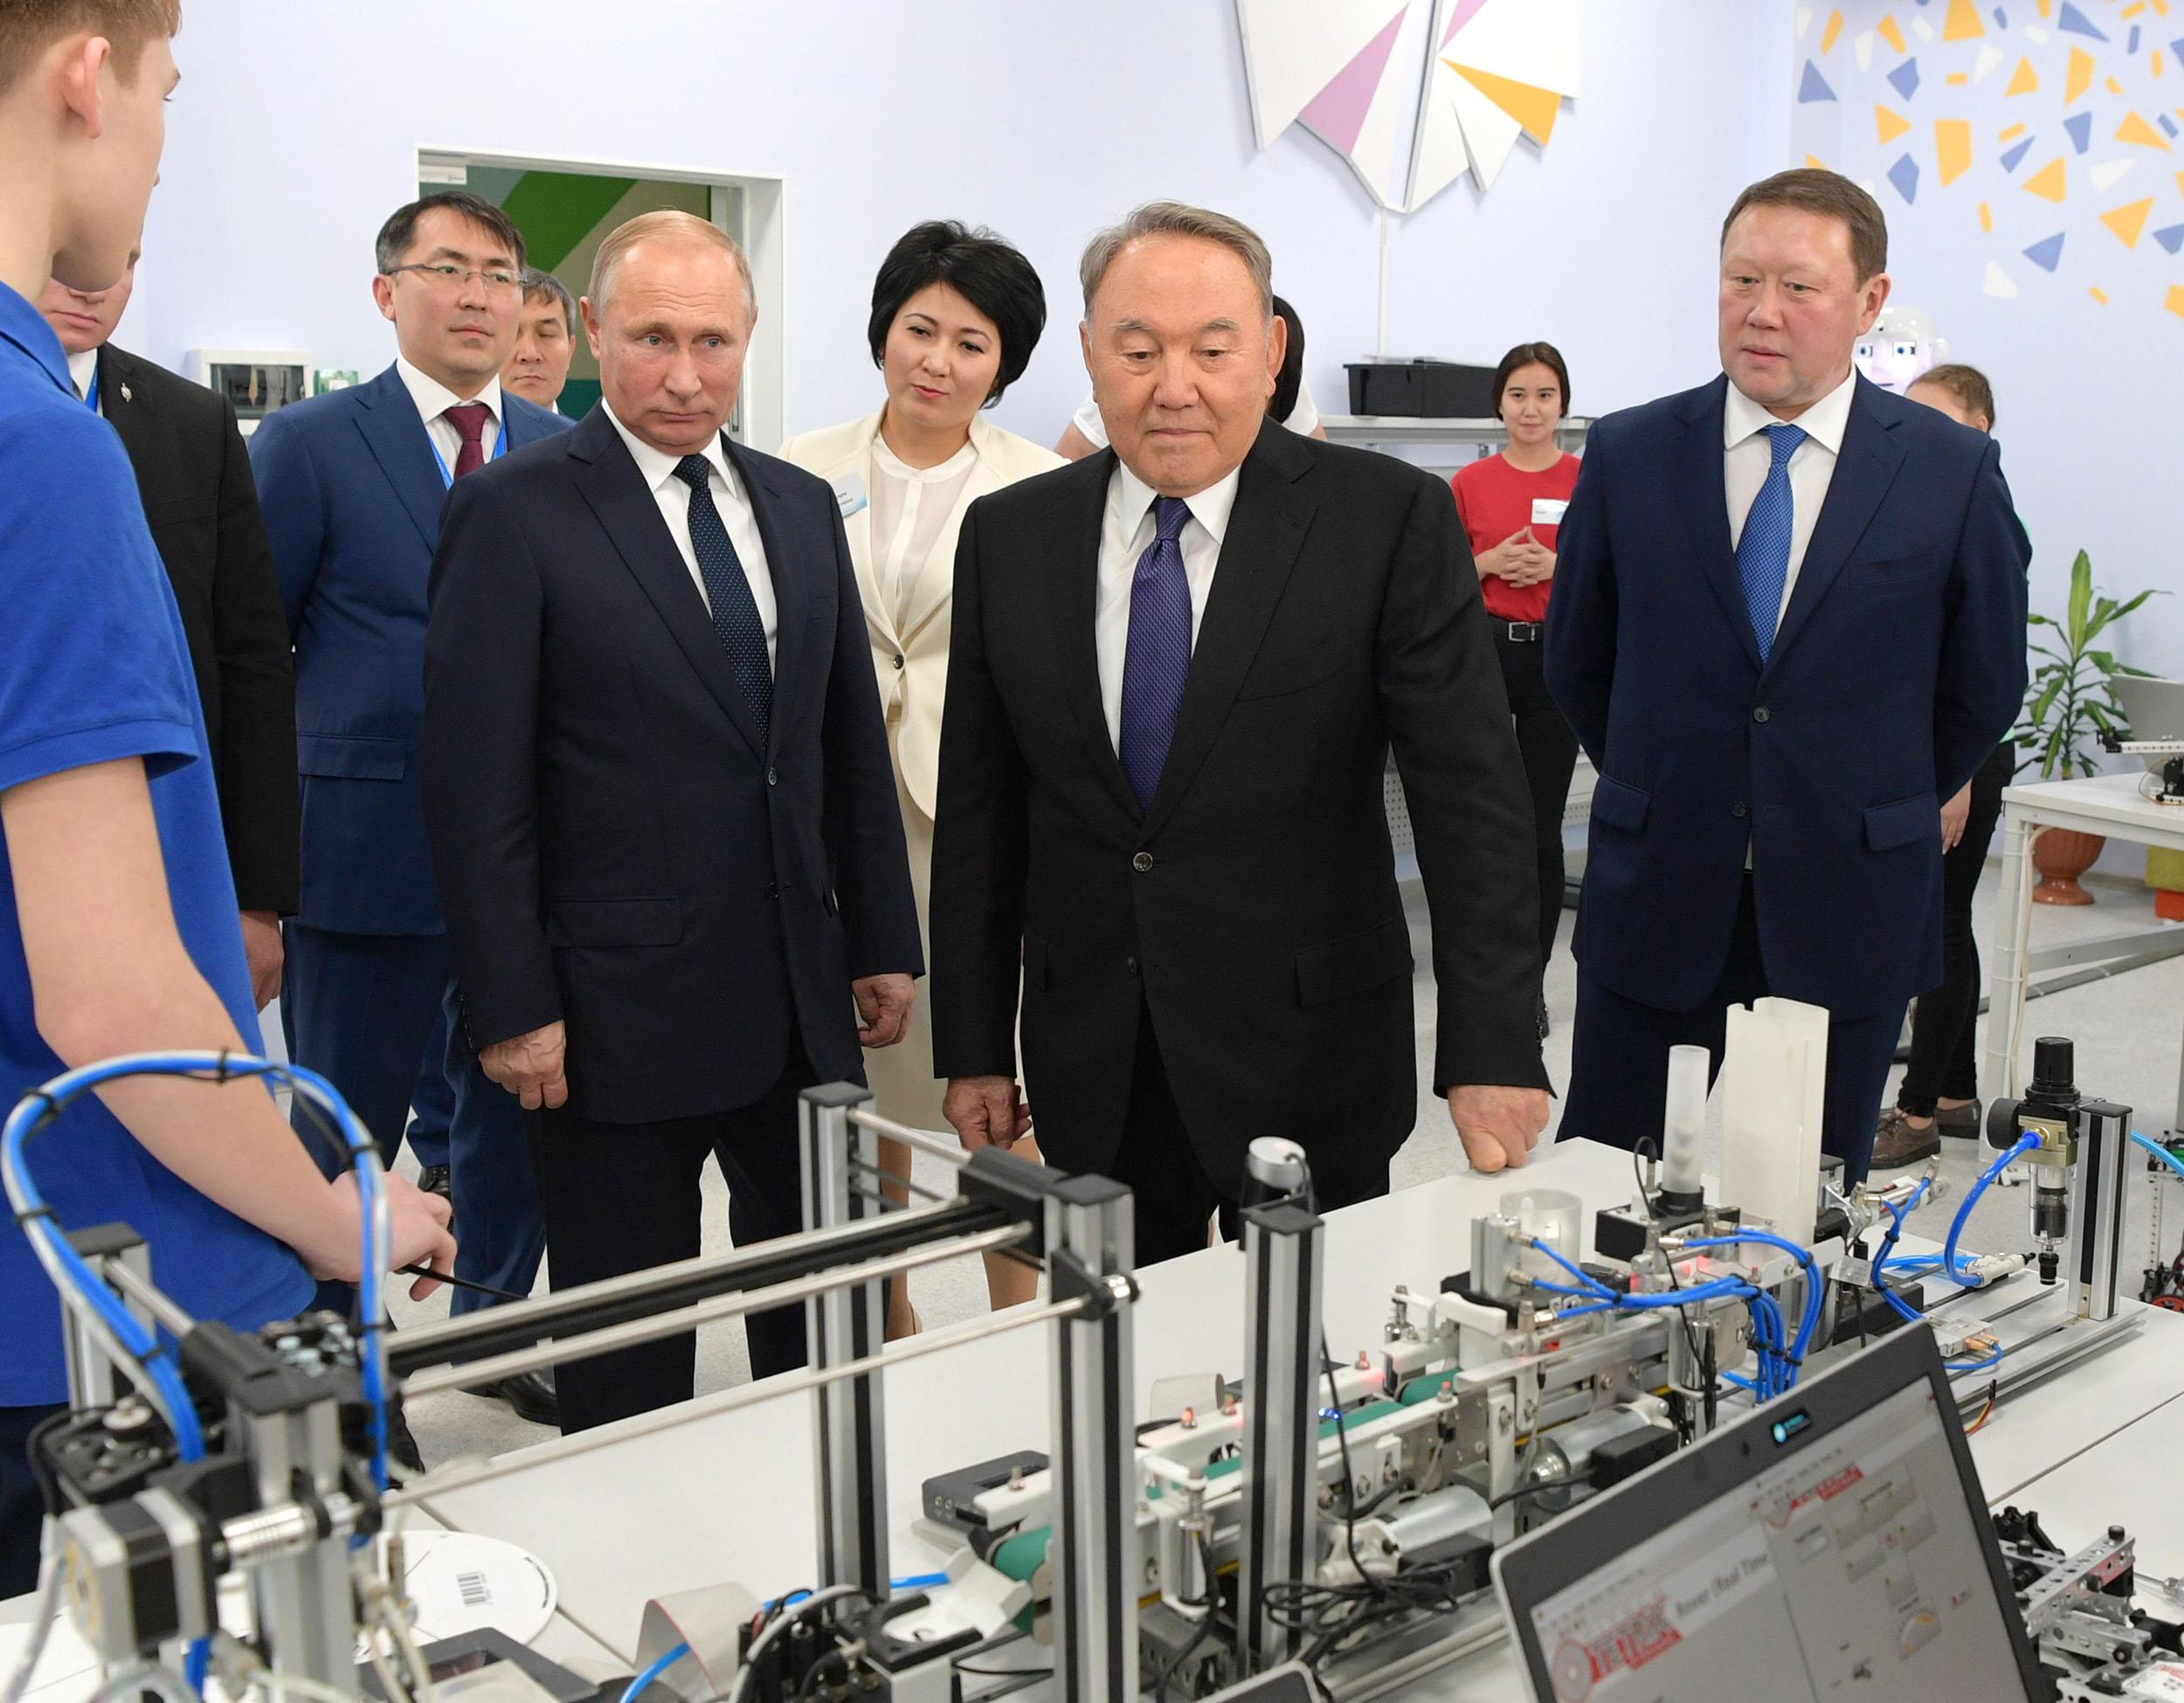 Президенты Казахстана и России посетили Дворец школьников в Павлодаре